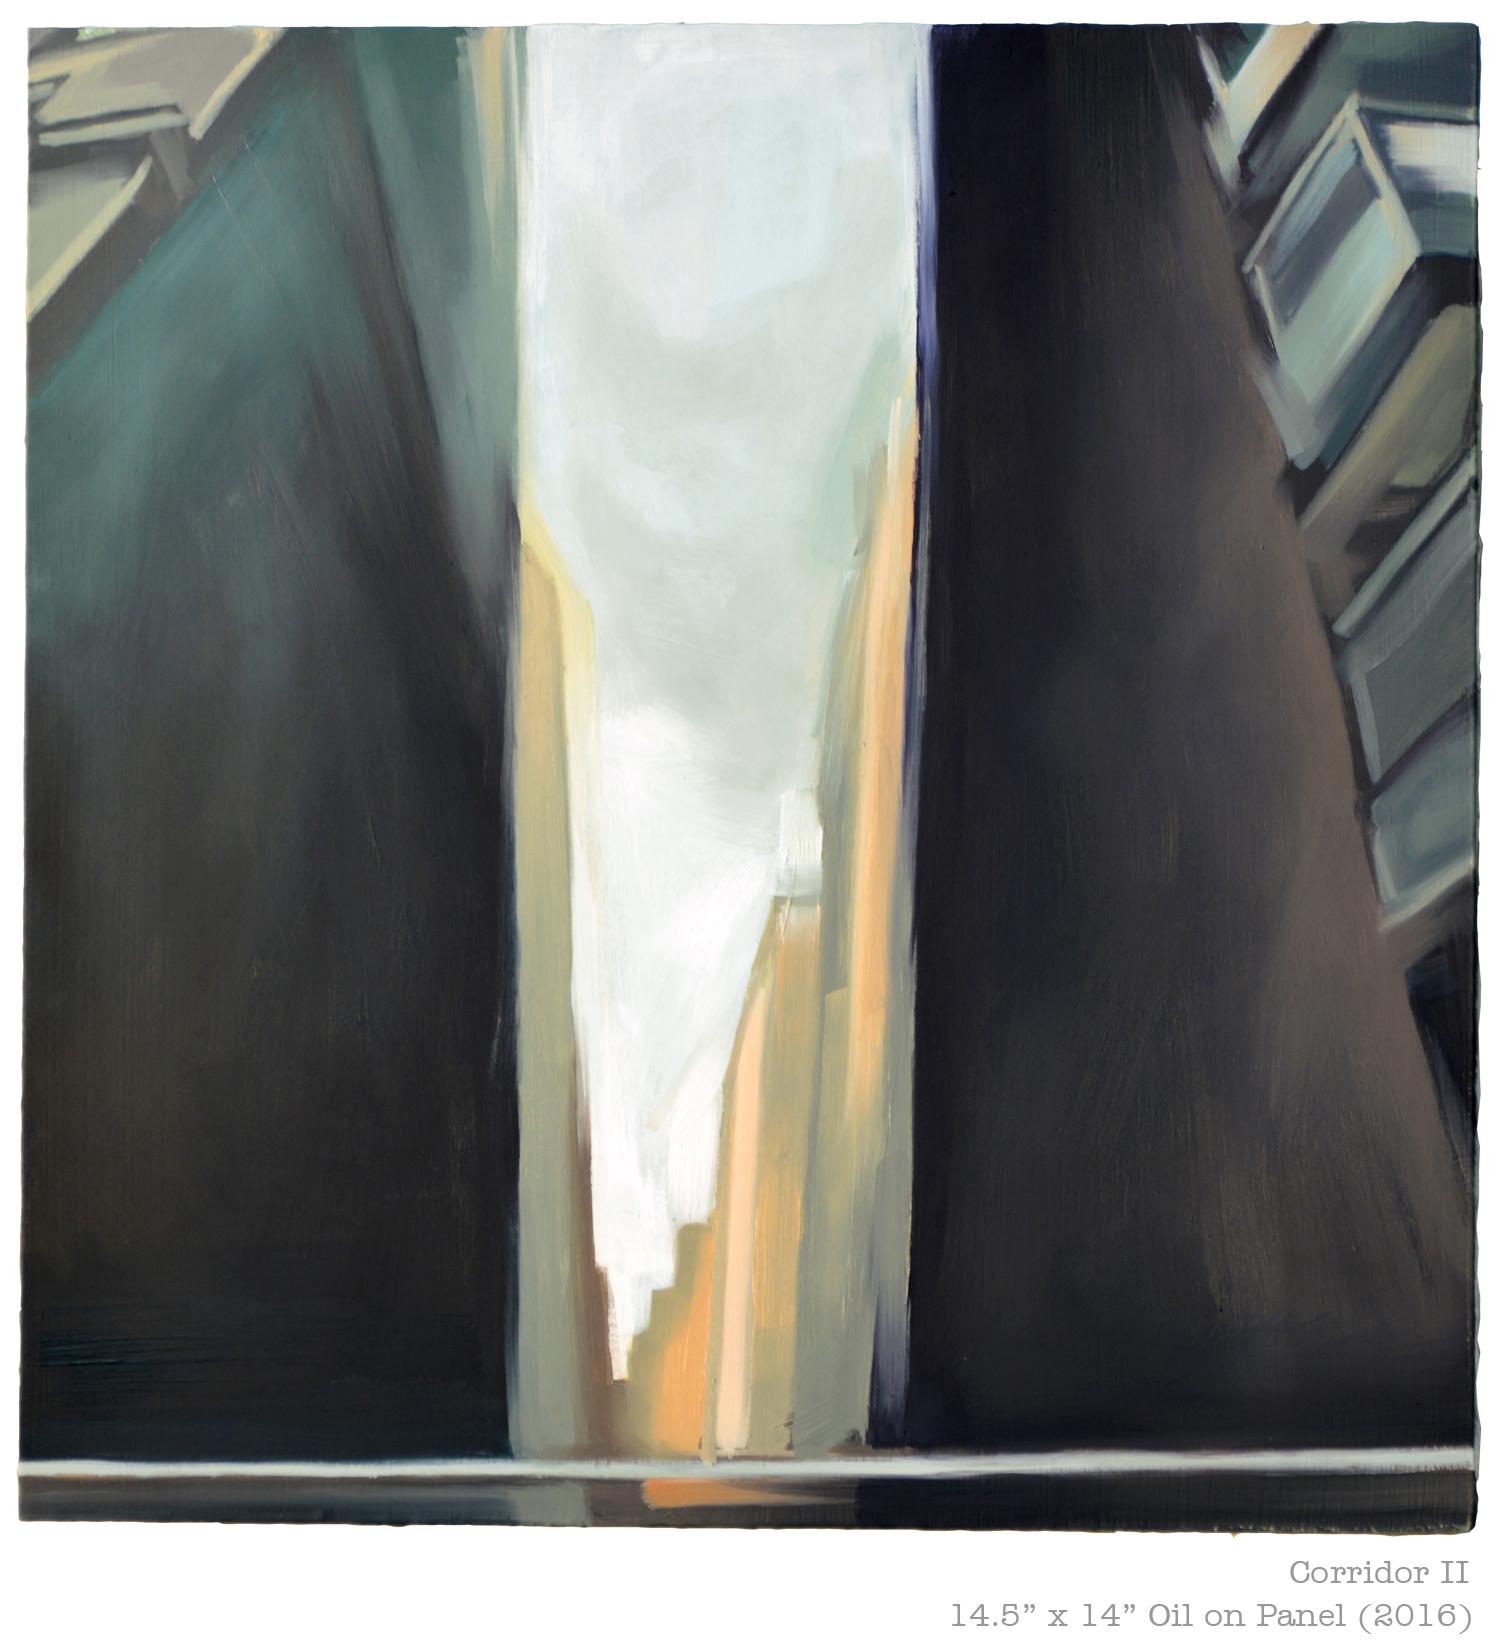 Corridor II (title)